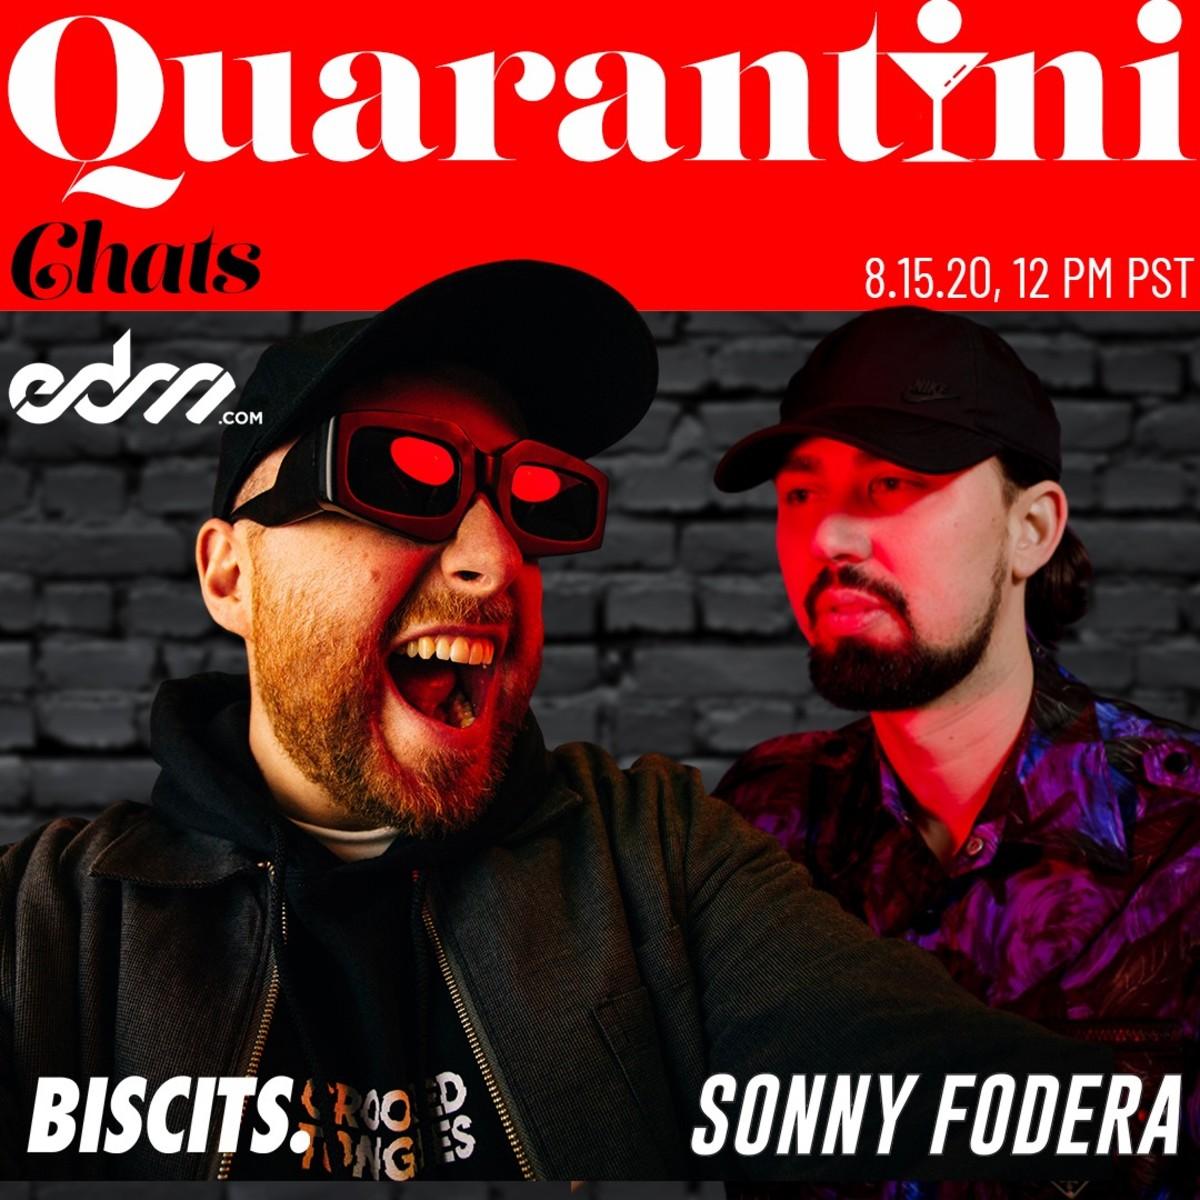 """EDM.com Presents """"Quarantini Chats"""" Episode #5: Biscits & Sonny Fodera"""